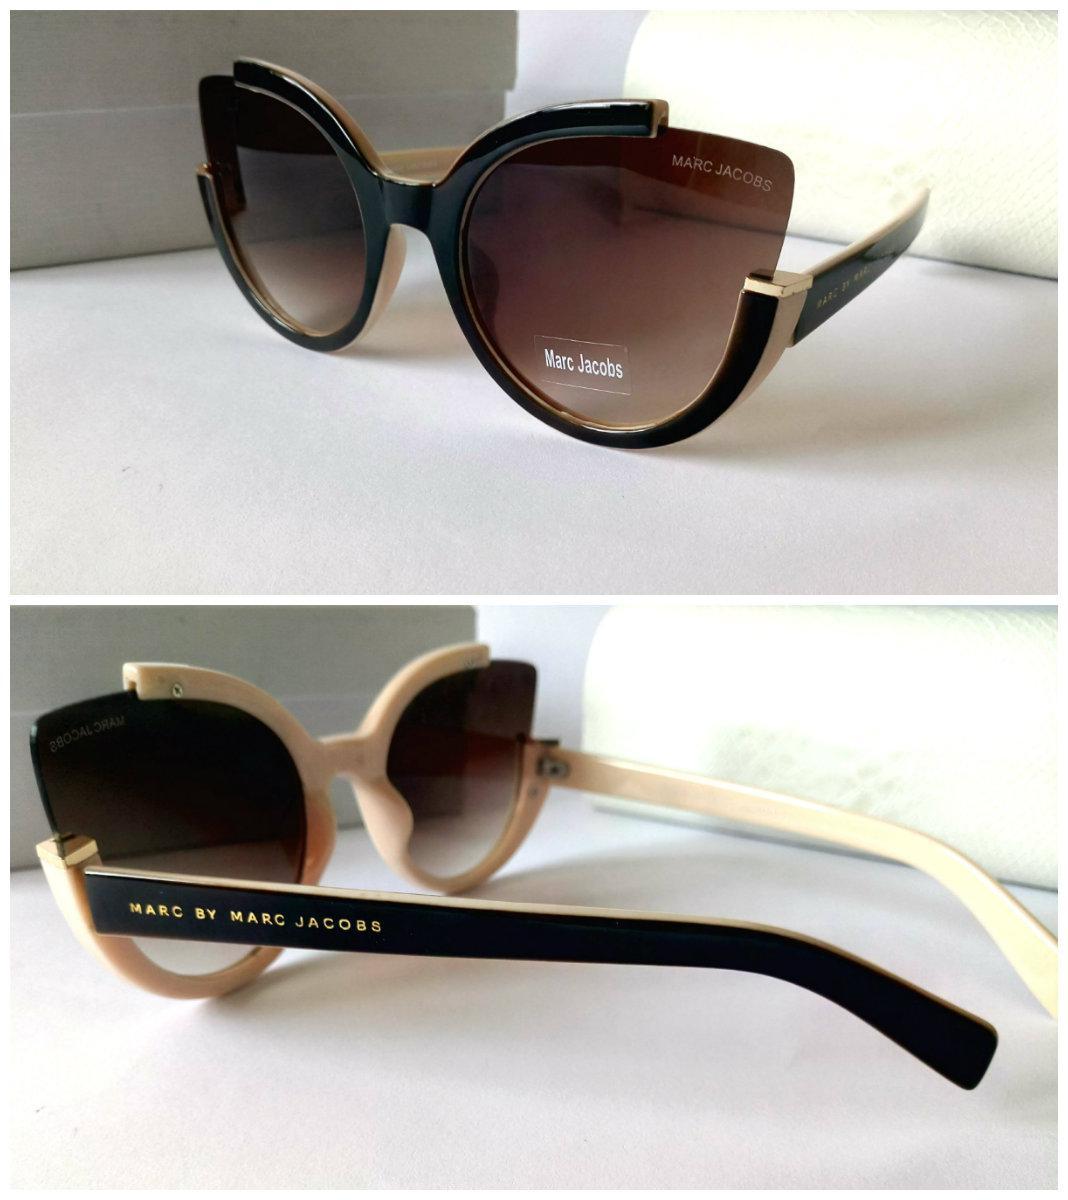 d36537b5256d Женские солнцезащитные очки Marc Jacobs коричневые - интернет-магазин